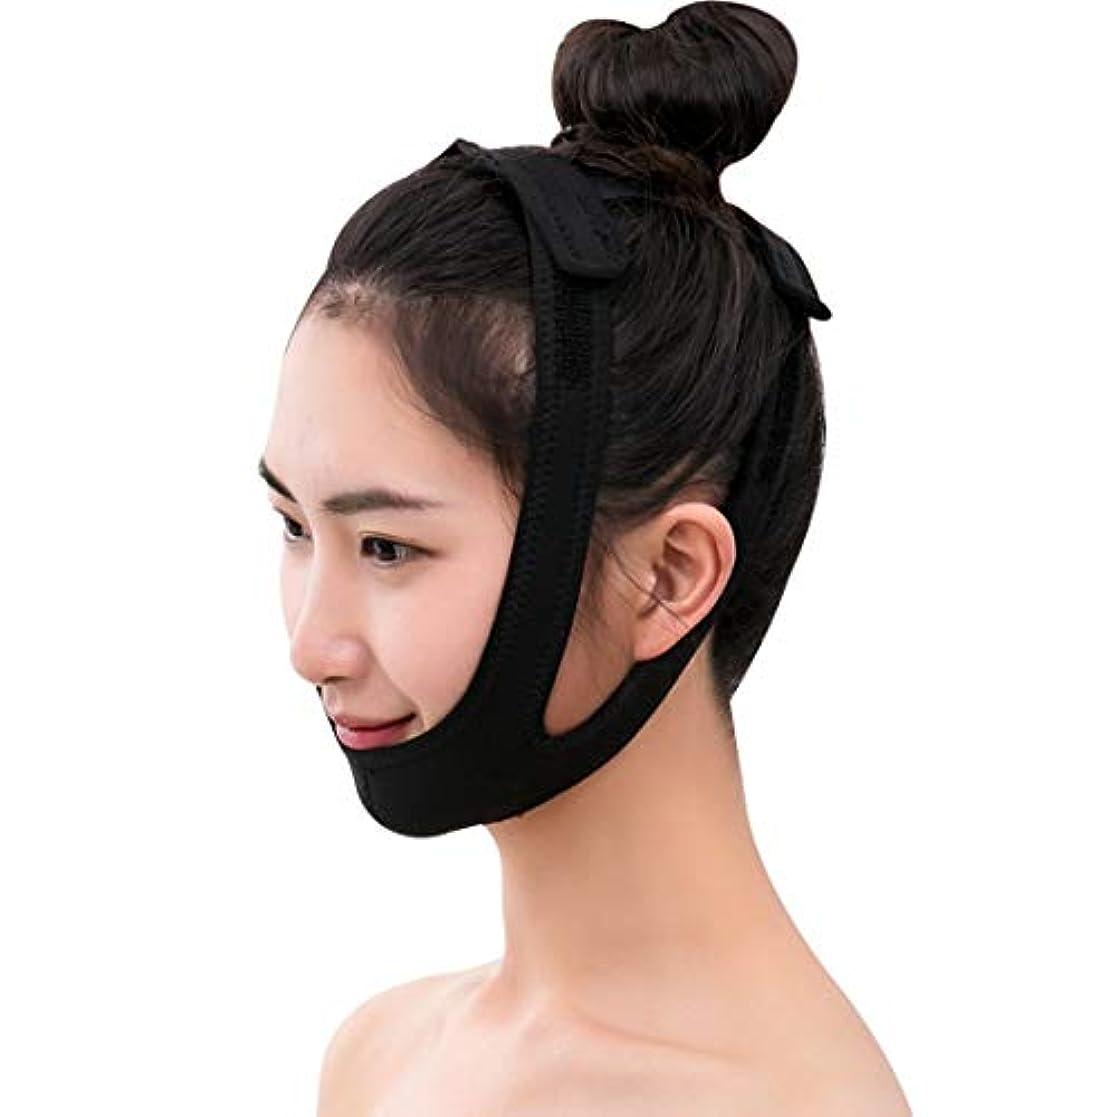 許す頑丈レジZWBD フェイスマスク, フェイスリフティング包帯マスク小さなVフェイス包帯はツールで引くことができます睡眠薄い顔の顔の持ち上がる美顔のマッサージ調整可能なサイズブラック